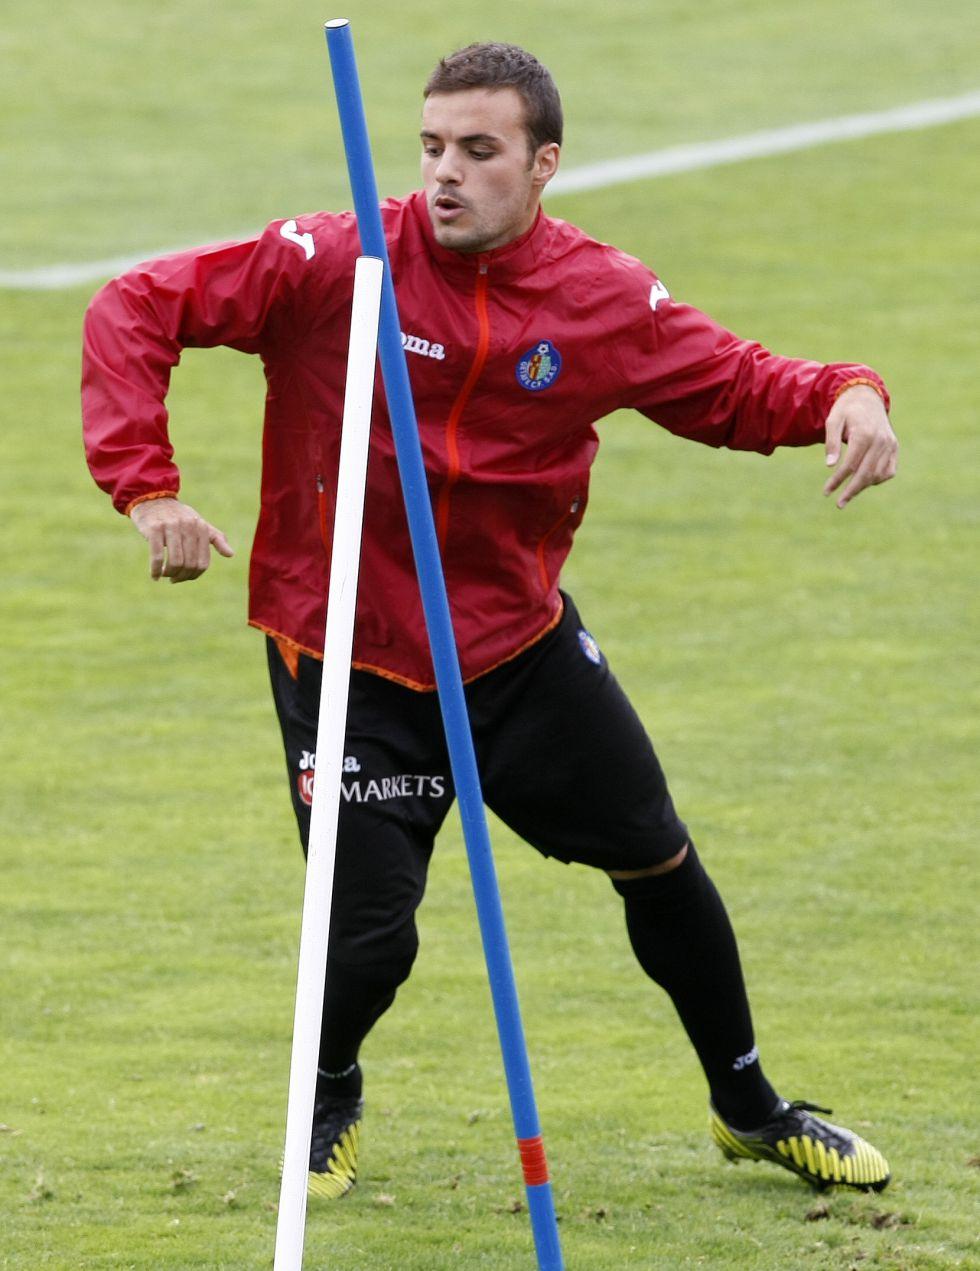 Pedro León está listo para jugar contra el Barça en el Camp Nou